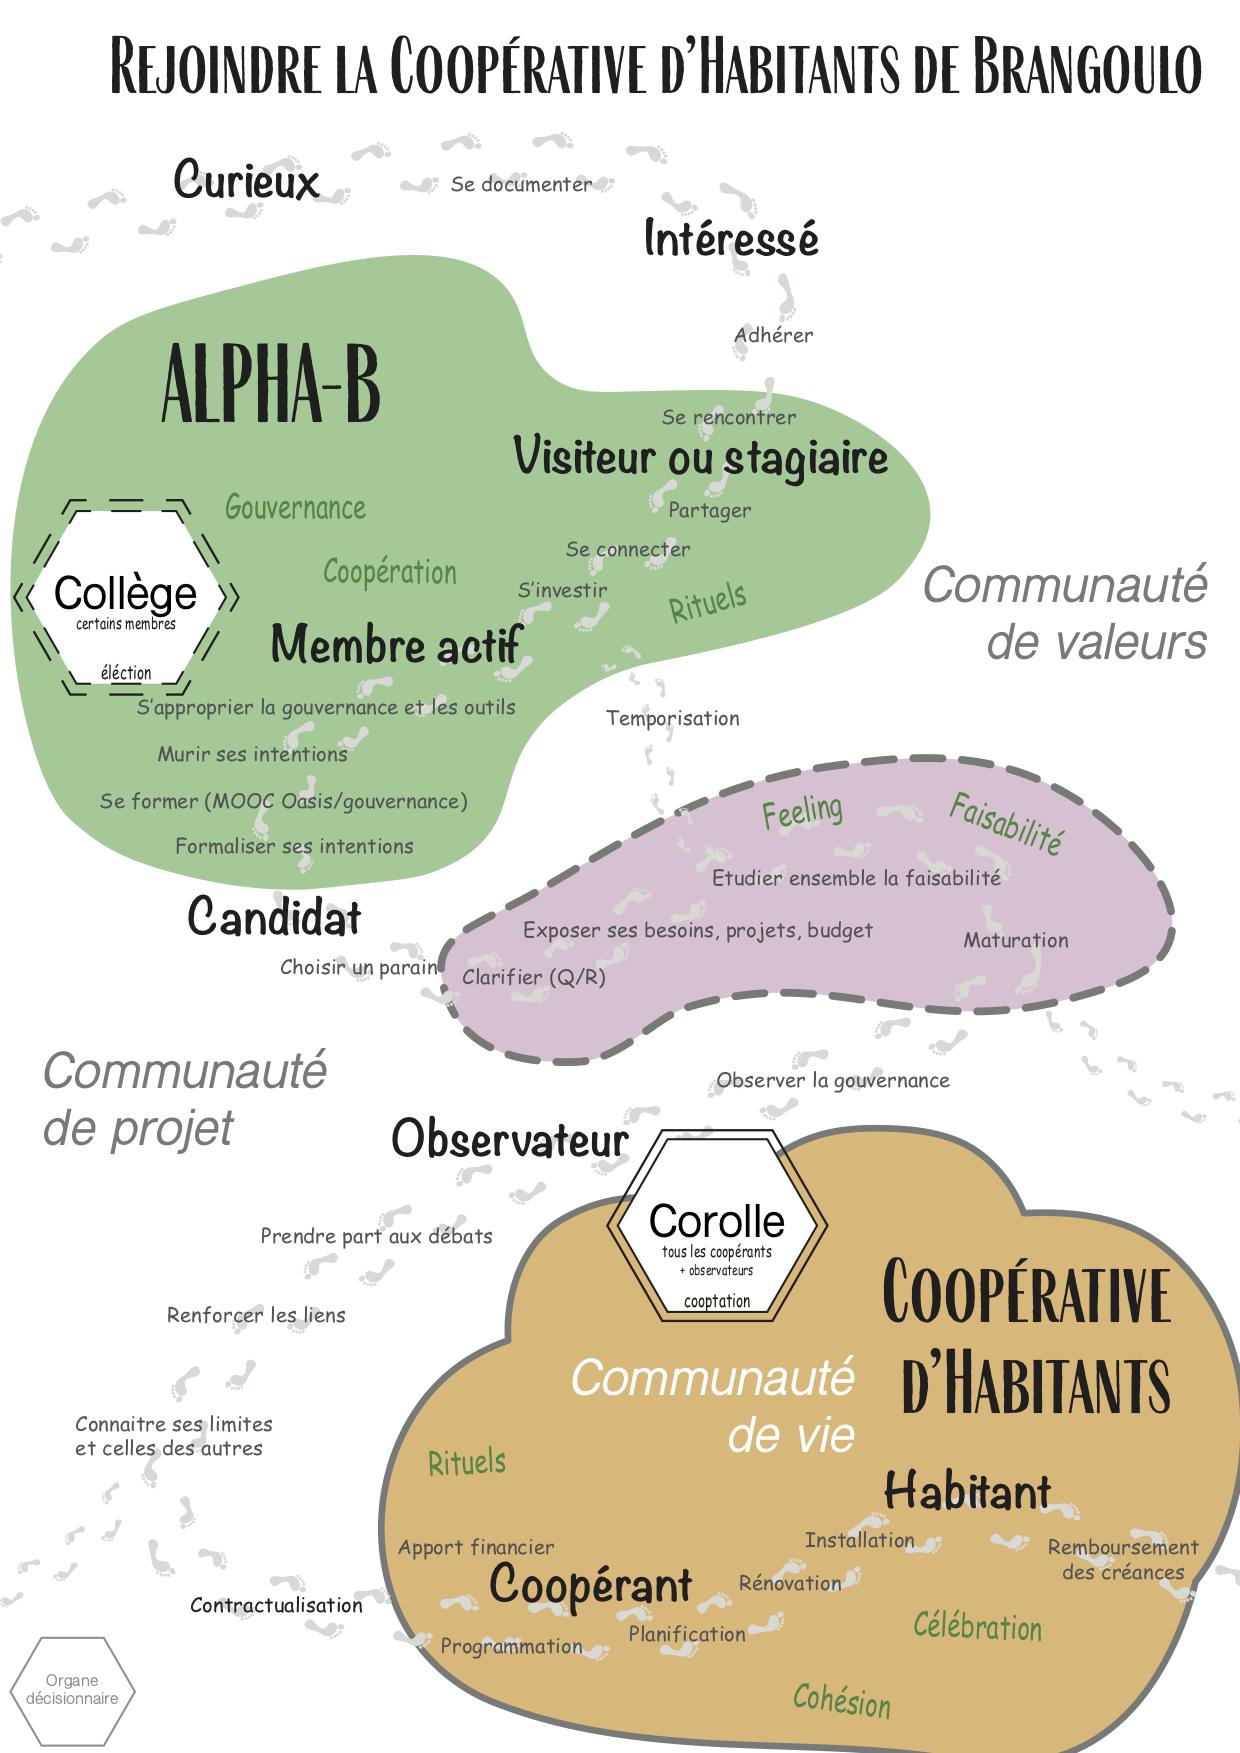 Le chemin d'inclusion de la coopérative d'habitants de Brangoulo